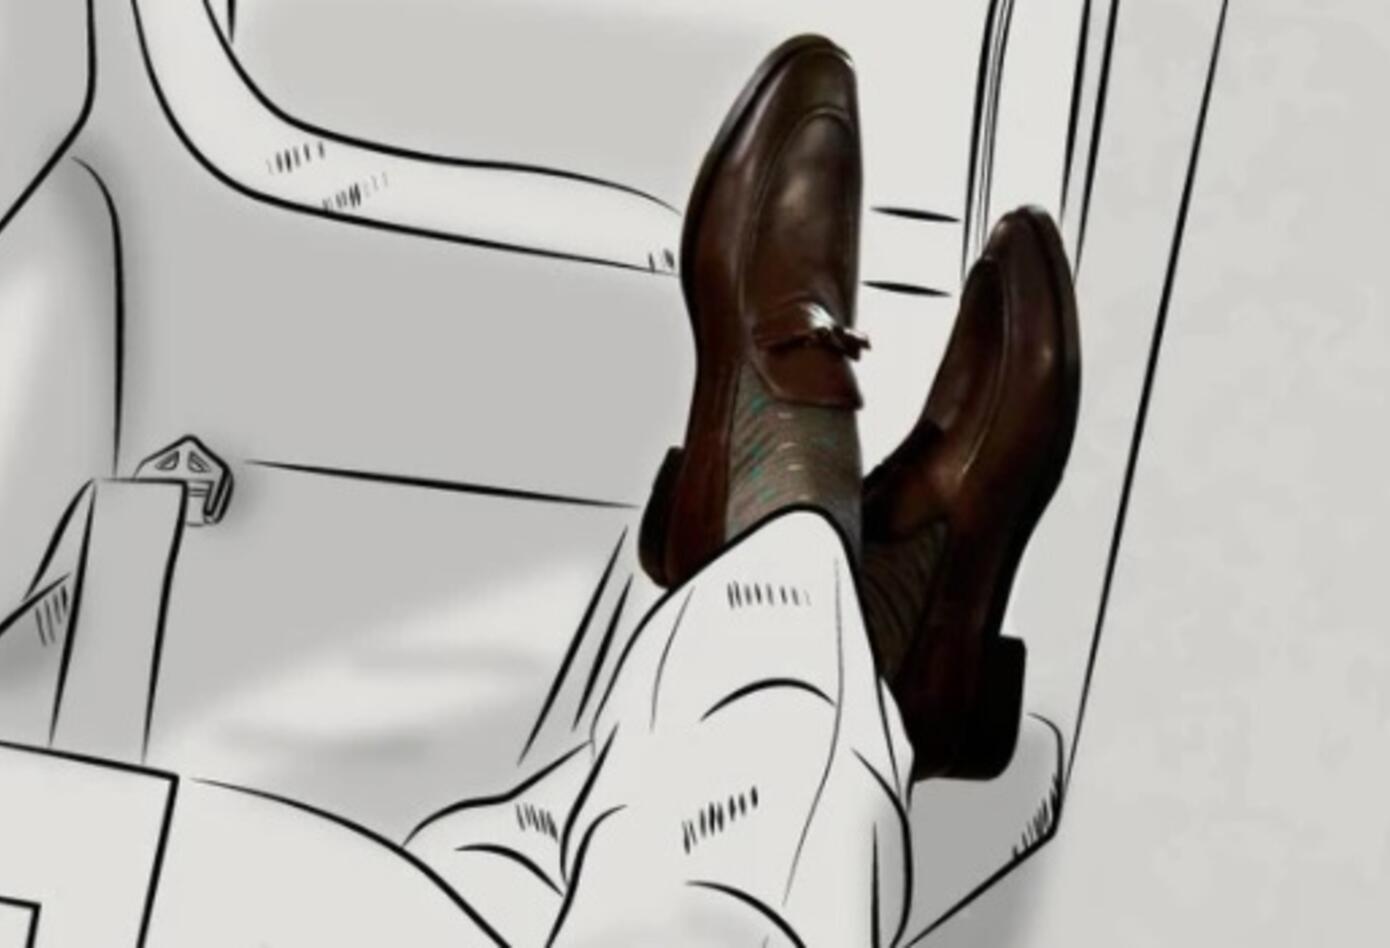 Zapatos artesanales 3